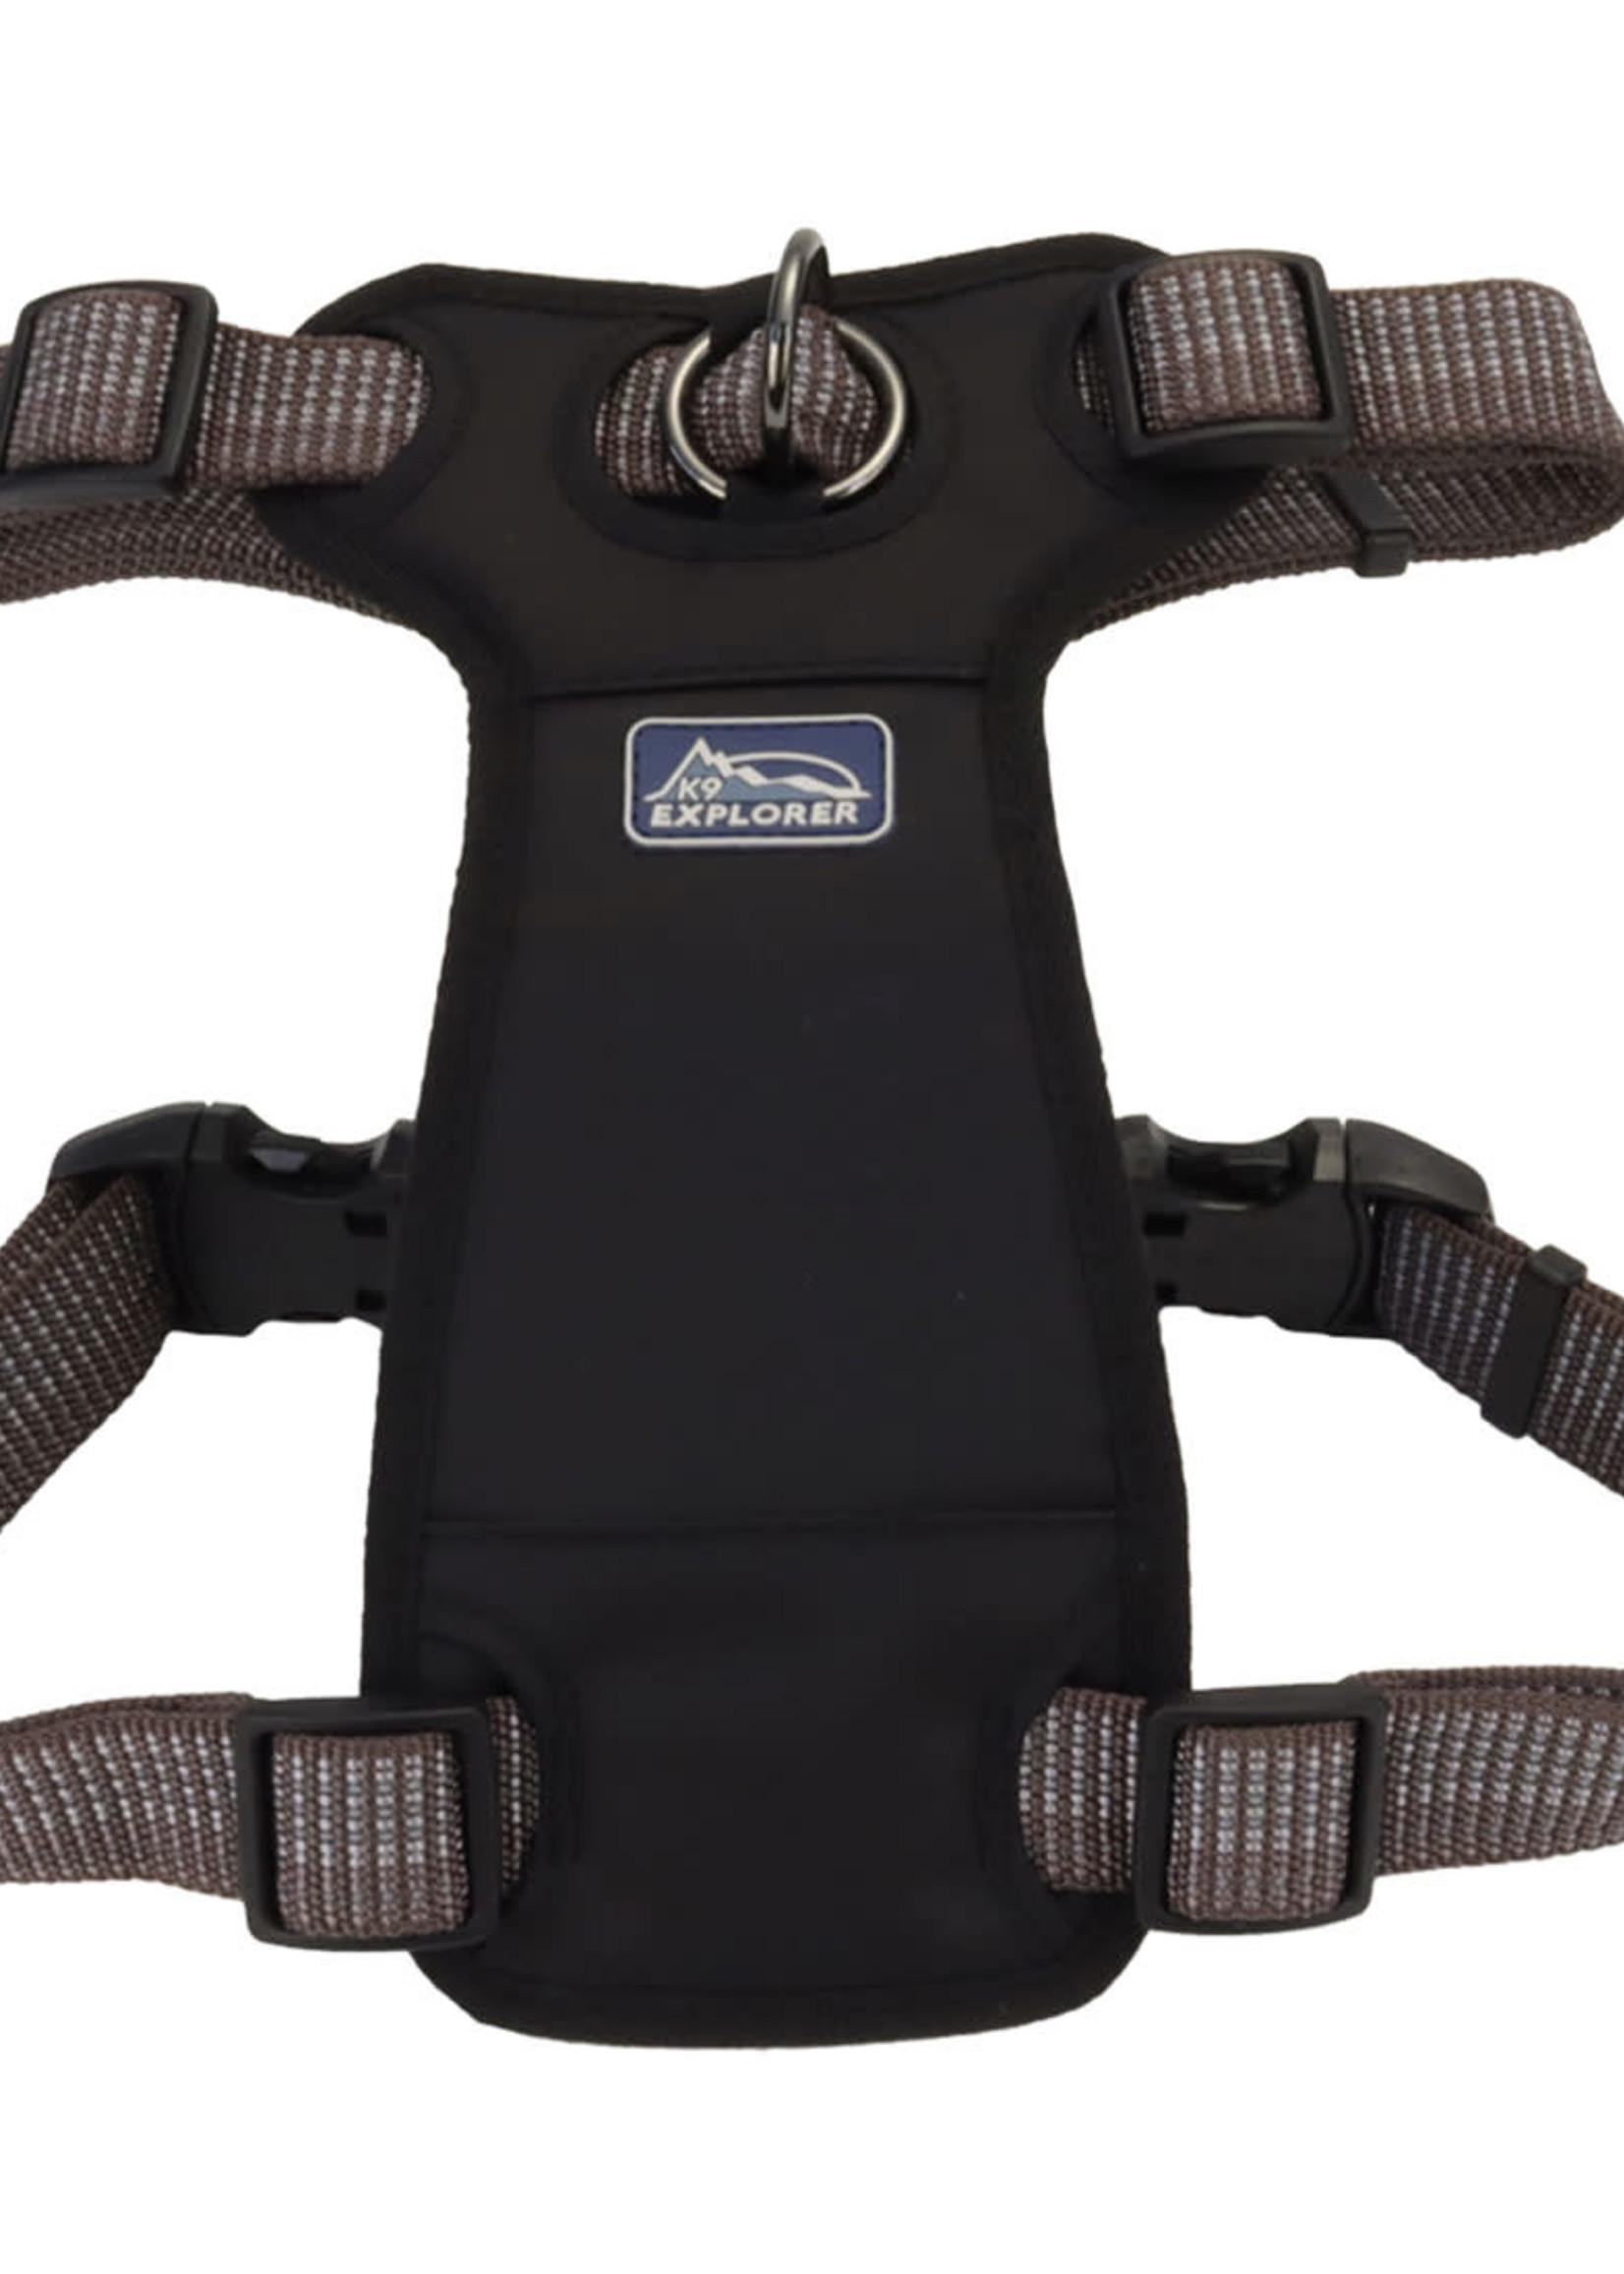 K9 Explorer® Coastal K9 Explorer Brights Reflective Front-Connect Harness Large